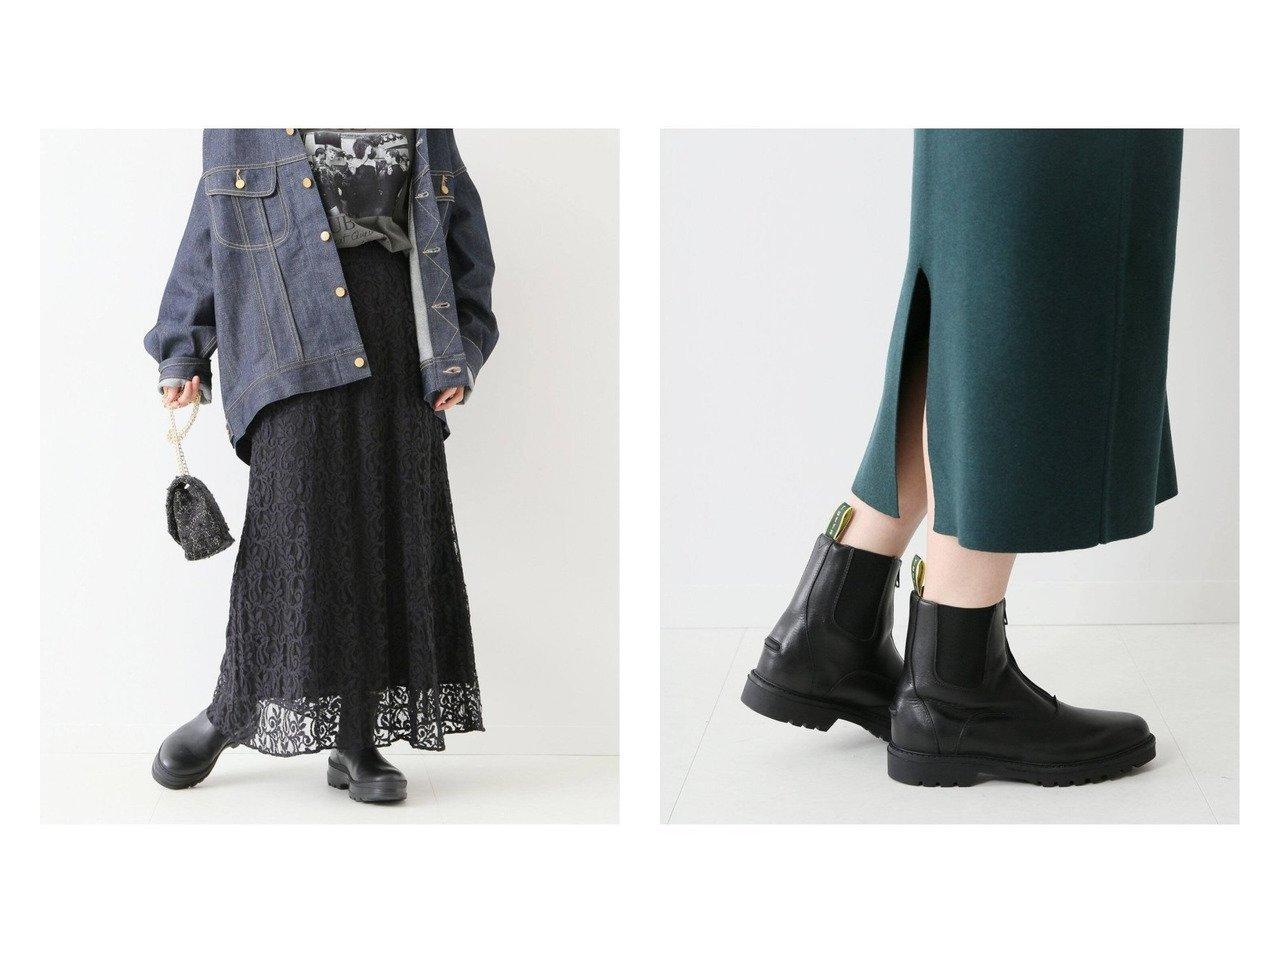 【FRAMeWORK/フレームワーク】の【ne Quittez pas】 別注リーフ柄レーススカート&【Tuffa Boots】別注フロントジップブーツ 別注・限定・コラボなど、おすすめ!人気、トレンド・レディースファッションの通販 おすすめで人気の流行・トレンド、ファッションの通販商品 インテリア・家具・メンズファッション・キッズファッション・レディースファッション・服の通販 founy(ファニー) https://founy.com/ ファッション Fashion レディースファッション WOMEN スカート Skirt ロングスカート Long Skirt インド スウェット 人気 フレーム 別注 マーメイド リーフ レース ロング ワーク A/W・秋冬 AW・Autumn/Winter・FW・Fall-Winter 2021年 2021 2021-2022秋冬・A/W AW・Autumn/Winter・FW・Fall-Winter・2021-2022 NEW・新作・新着・新入荷 New Arrivals おすすめ Recommend シューズ ショート シンプル ジップ フィット フォルム 再入荷 Restock/Back in Stock/Re Arrival プチプライス・低価格 Affordable |ID:crp329100000061007